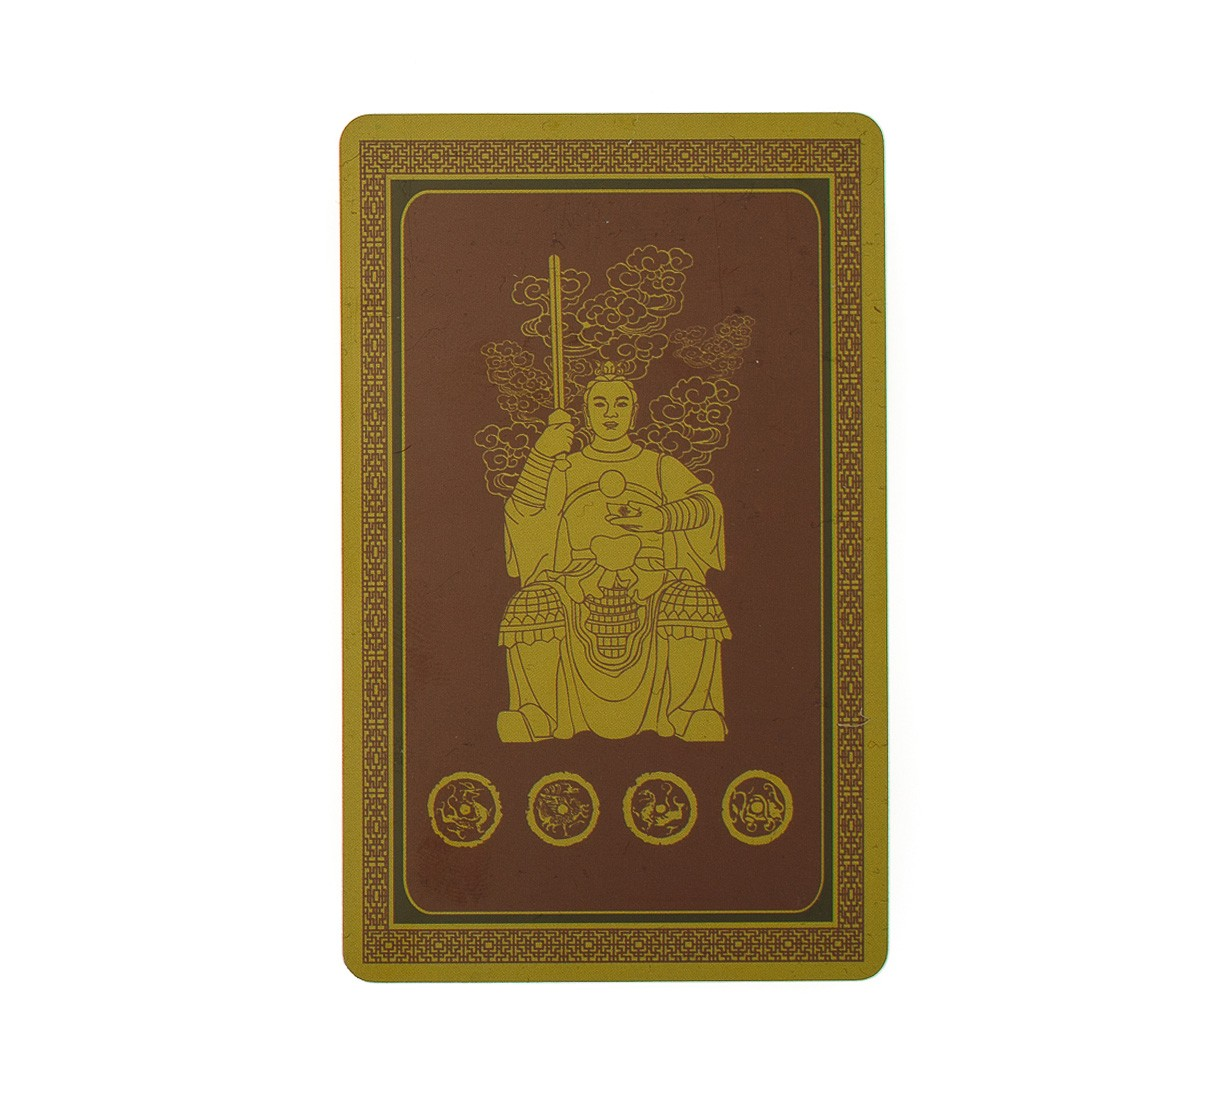 Card Tai Sui - 2015